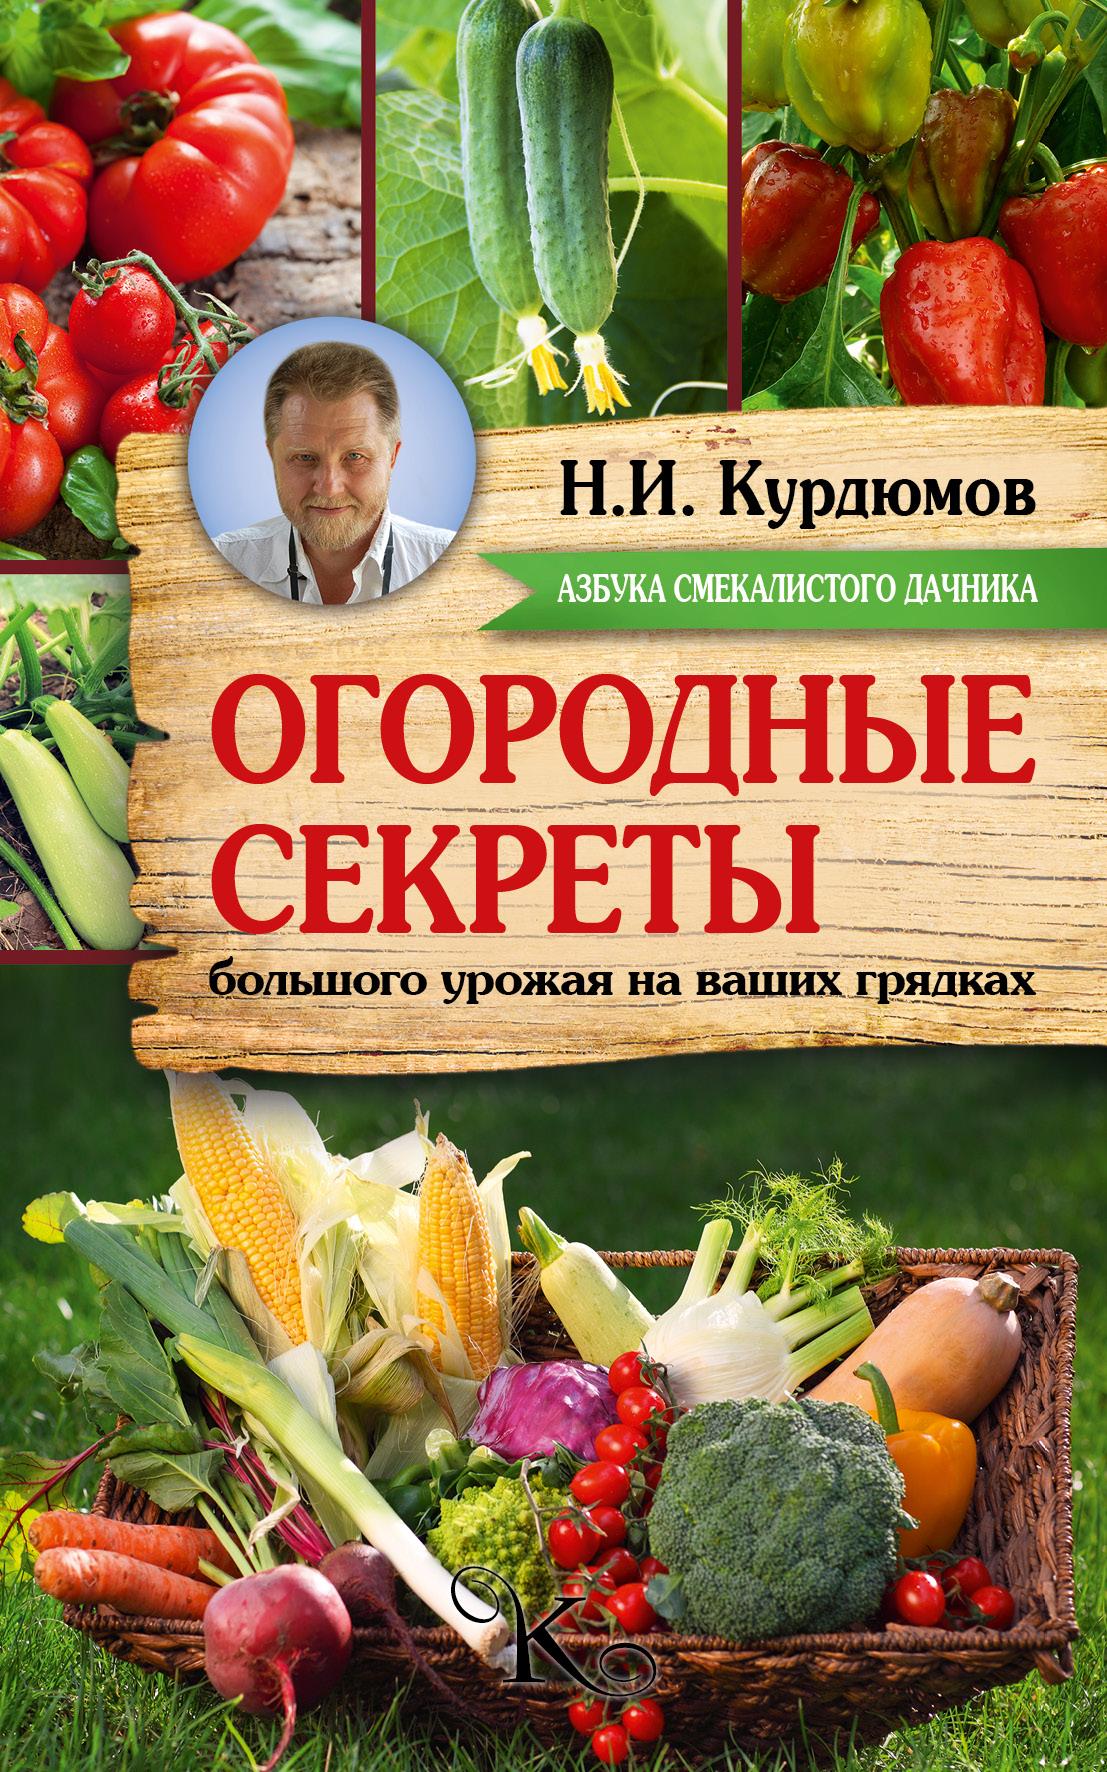 «Огородные секреты большого урожая на ваших грядках»